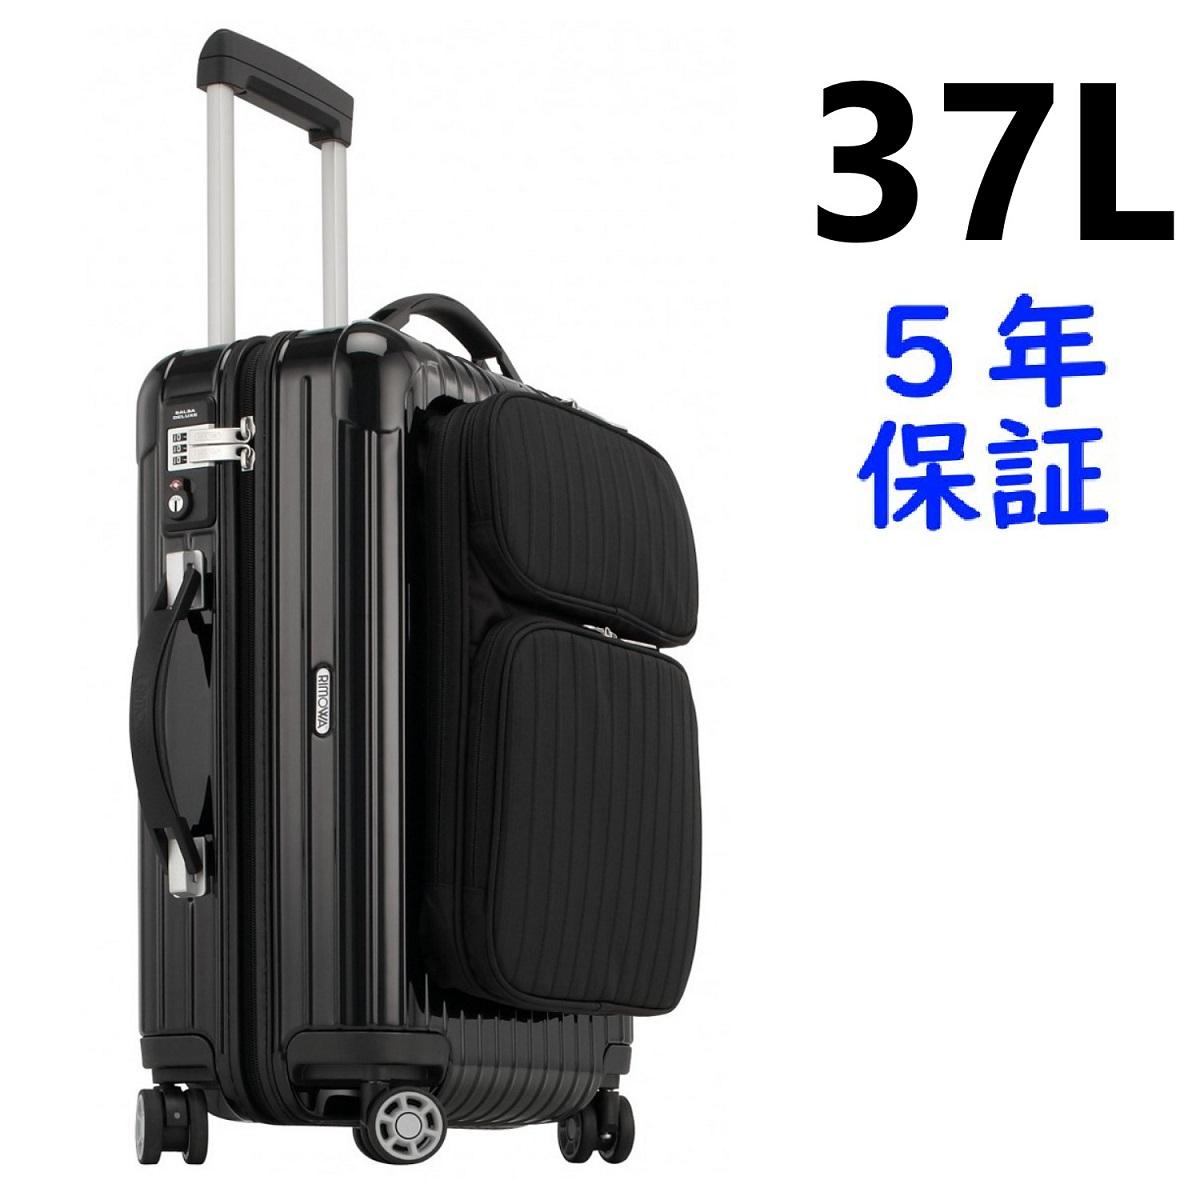 リモワ サルサデラックス MH キャビントローリー ハイブリッド《37L》 ブラック 黒 RIMOWA SALSA DELUXE 4輪 スーツケース リモア TSA付